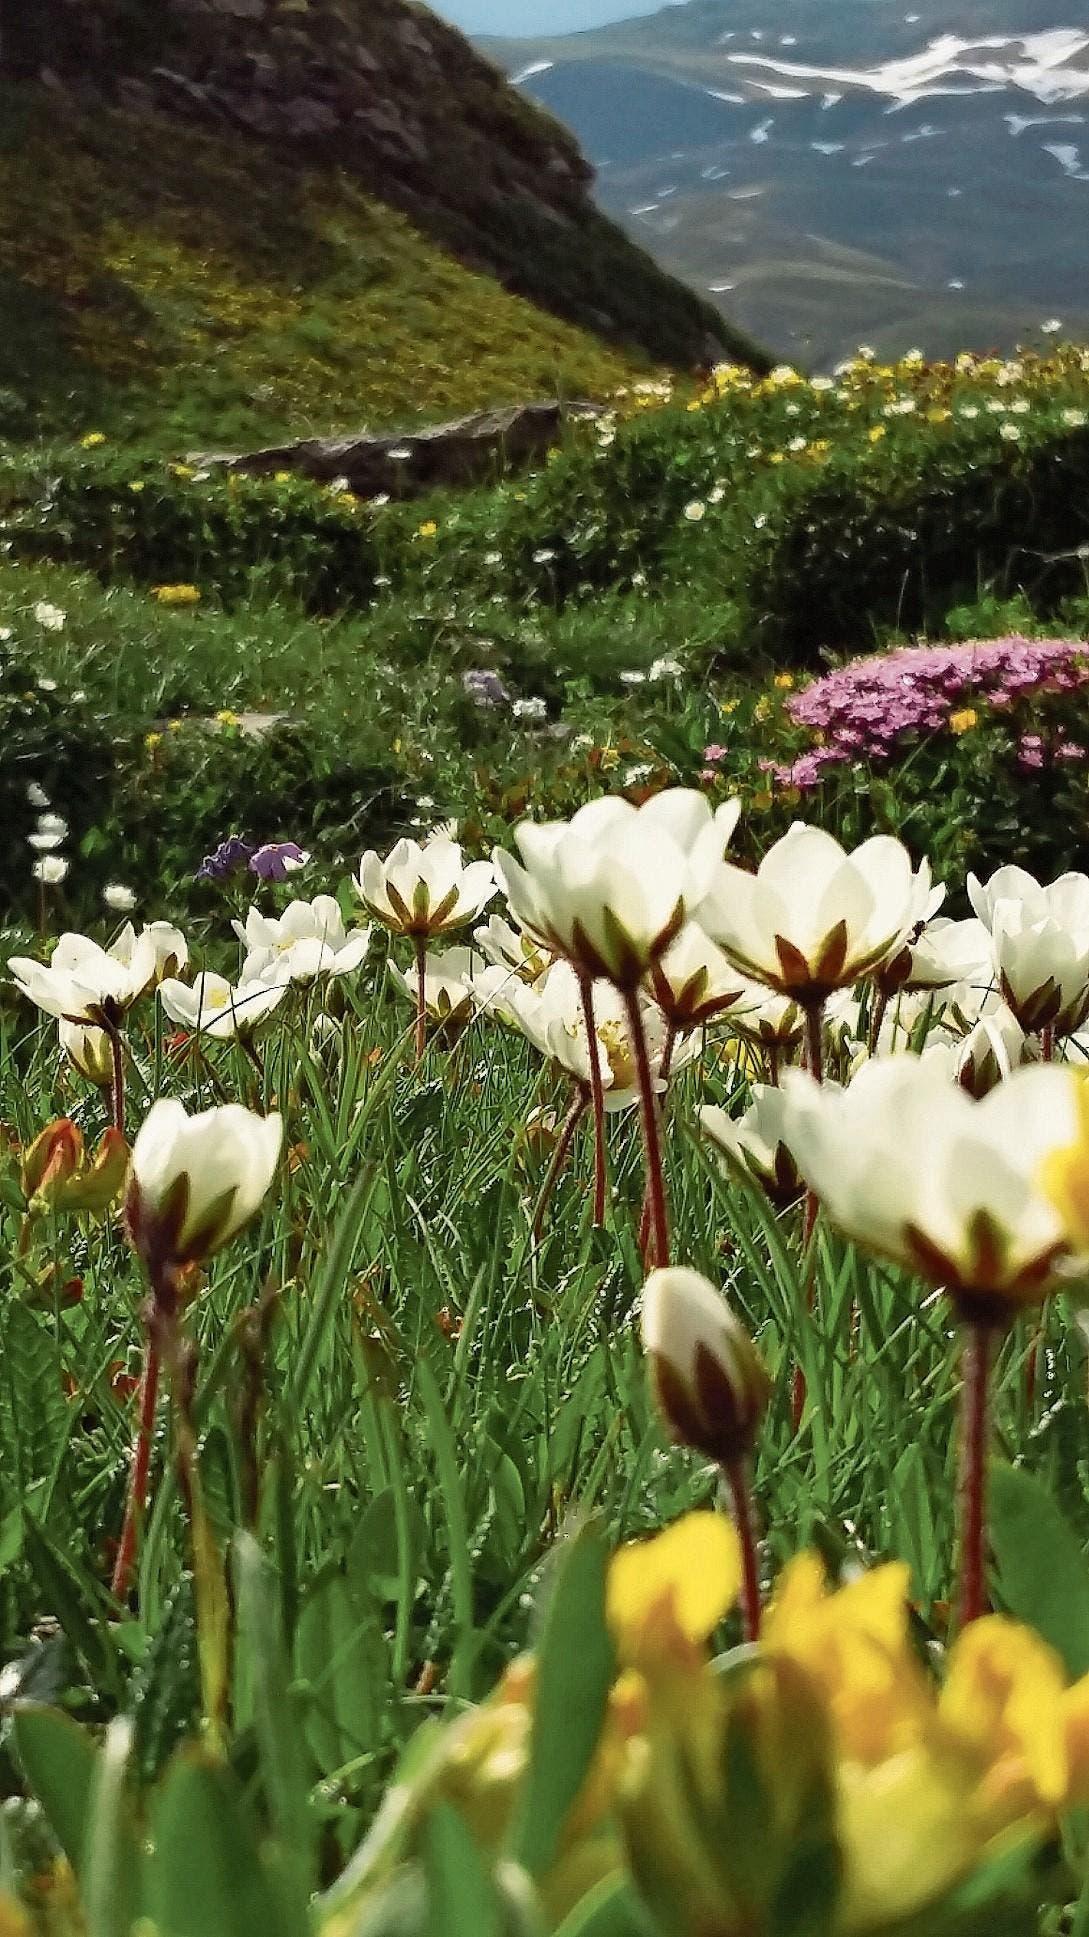 Diese wunderbare reichhaltige Alpenflora blühte auf Melchsee-Frutt. (Bild: Danielle Berchtold)